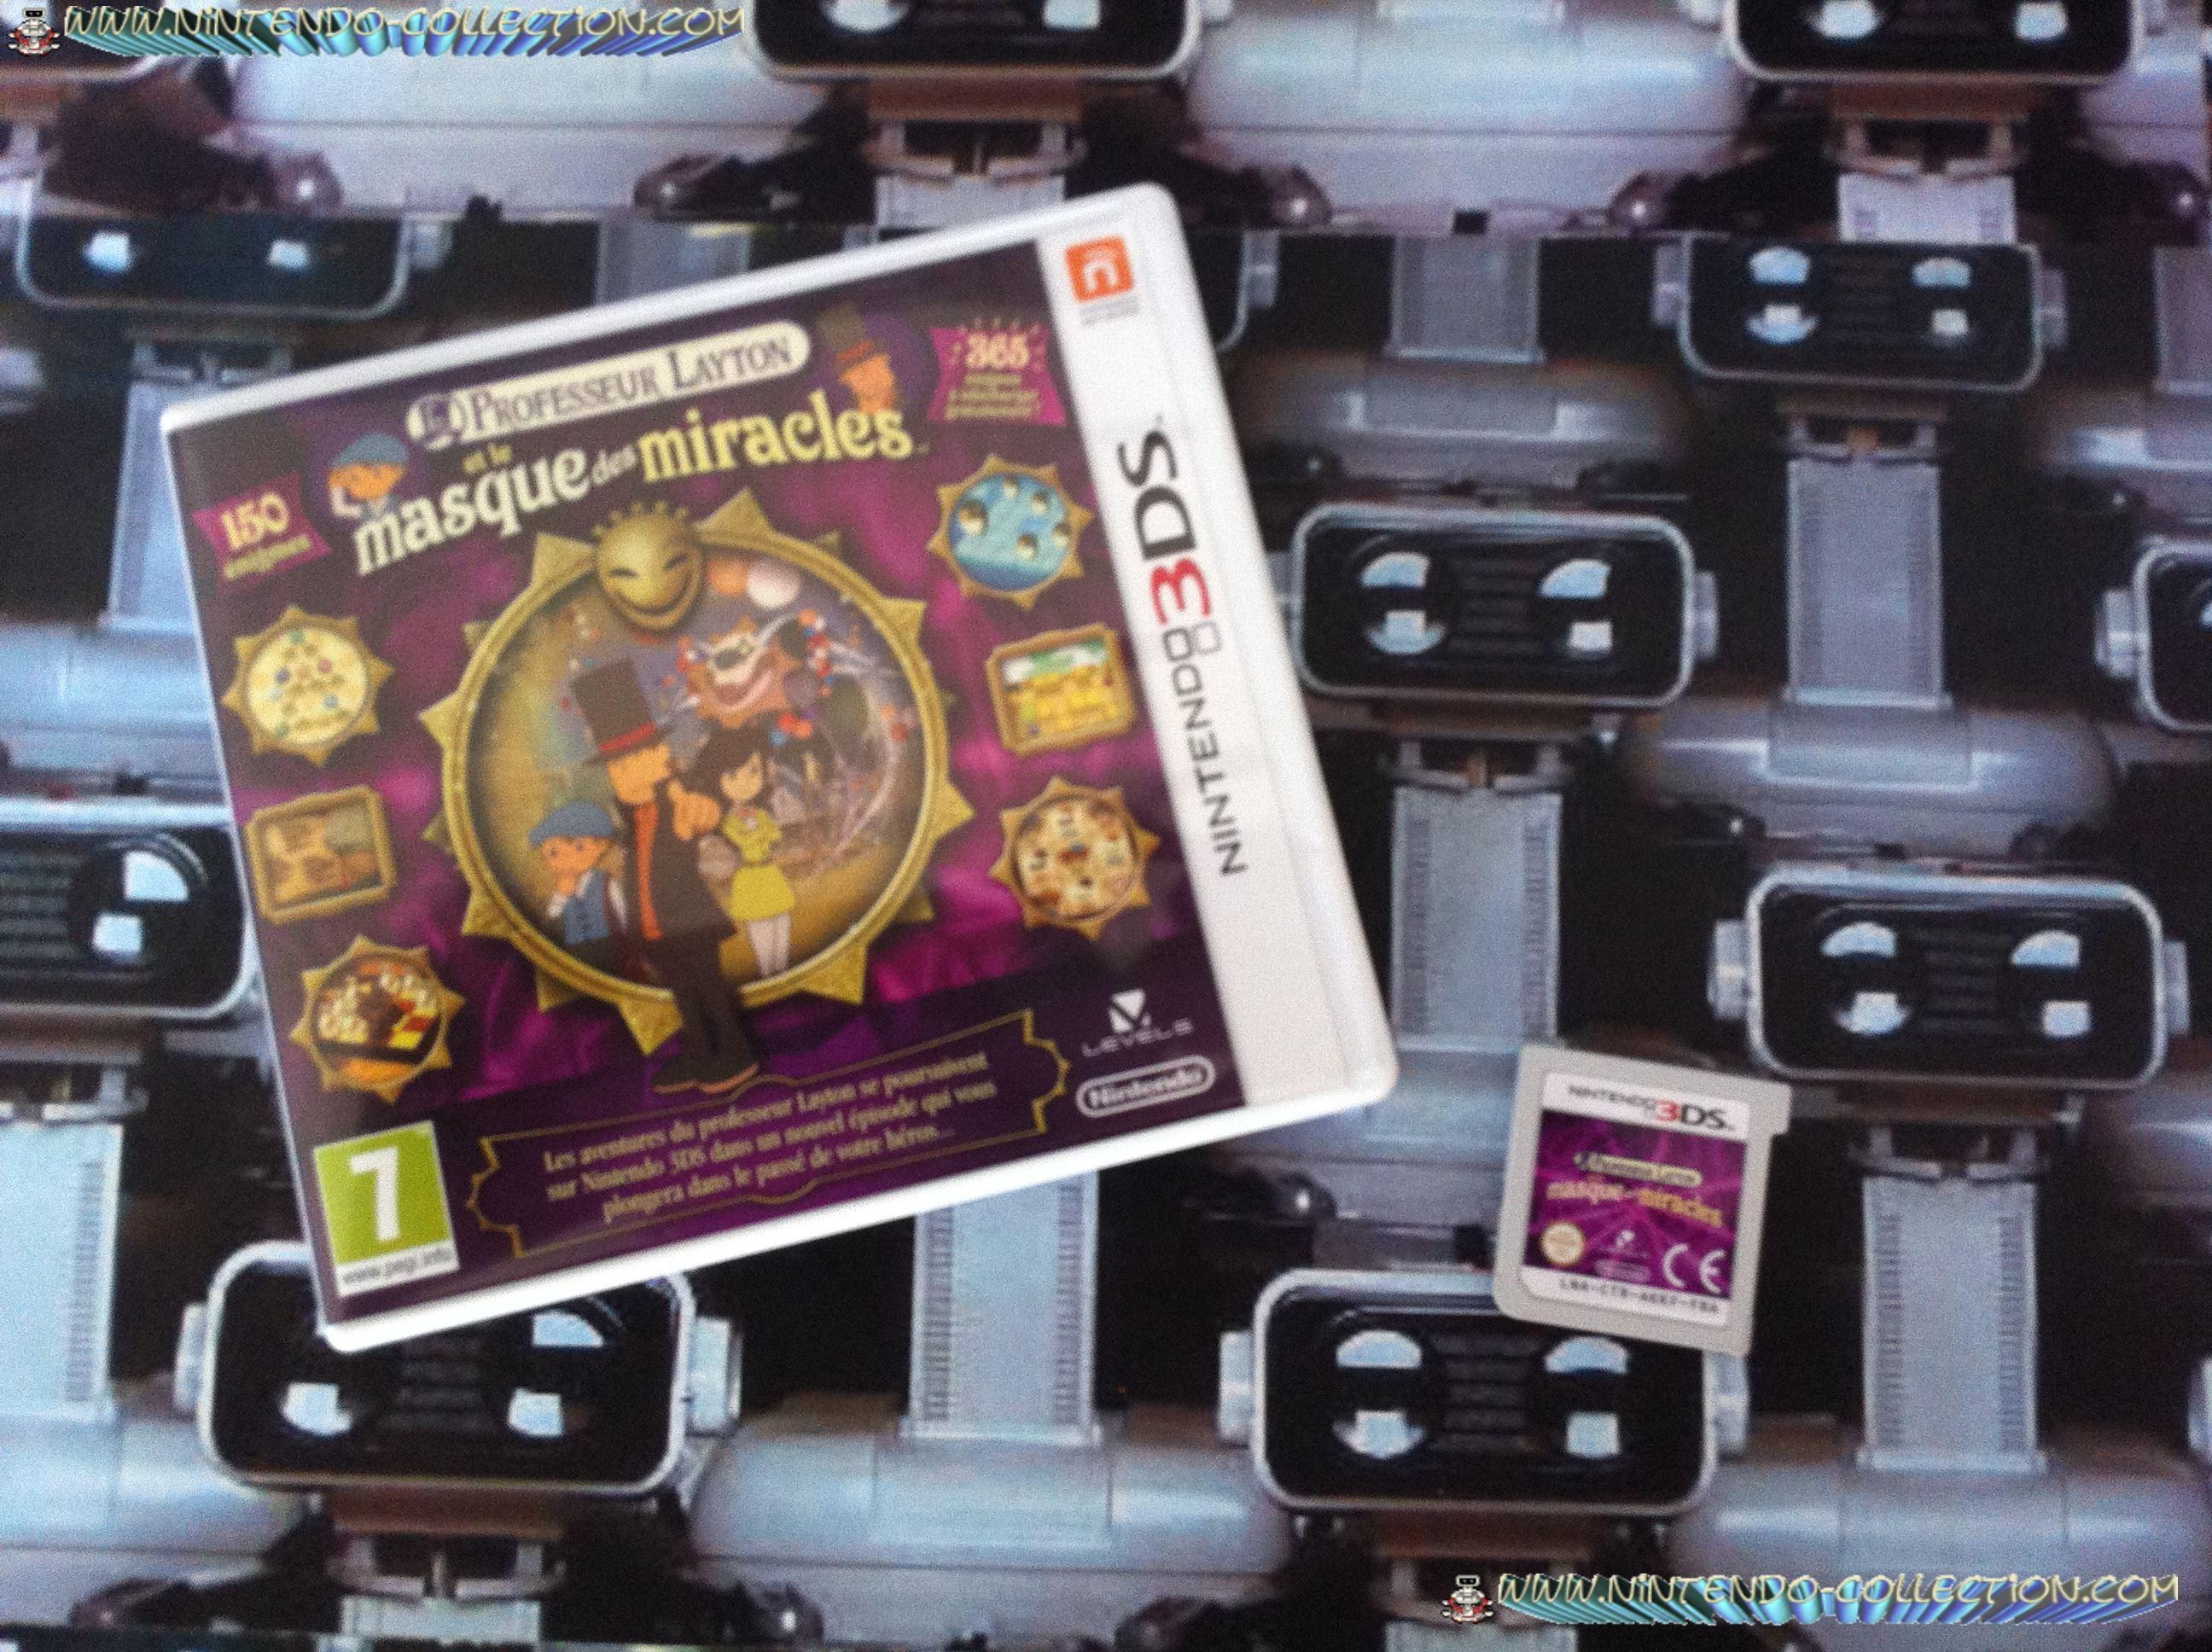 www.nintendo-collection.com - Professeur Layton et le masque des miracles 3DS